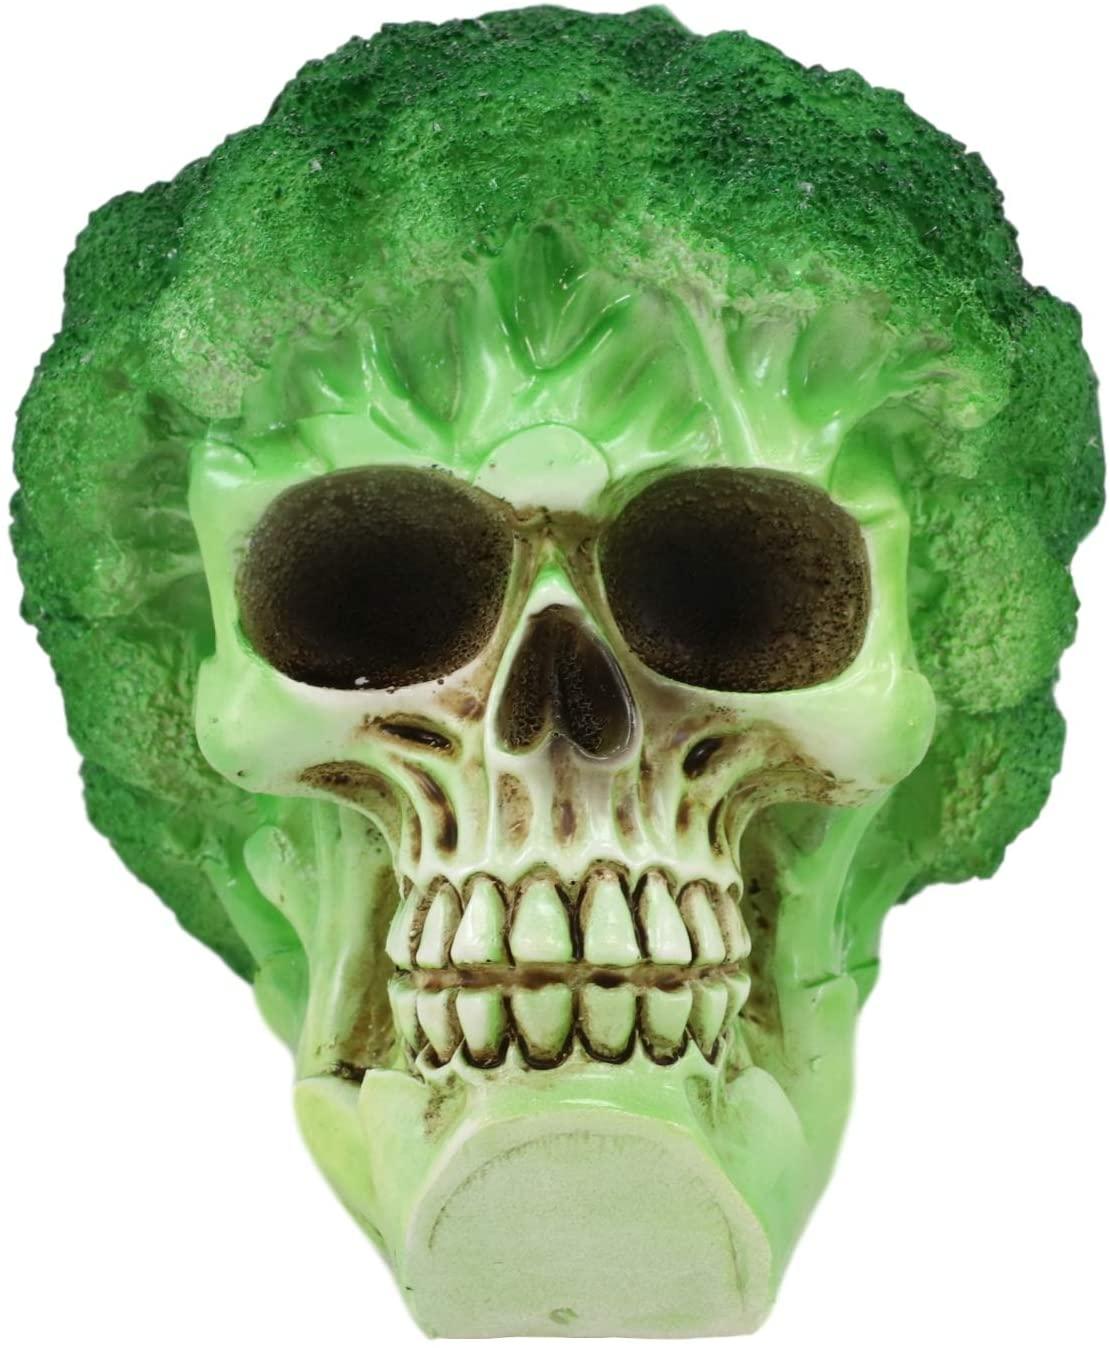 Broccoli Skull Statue Front